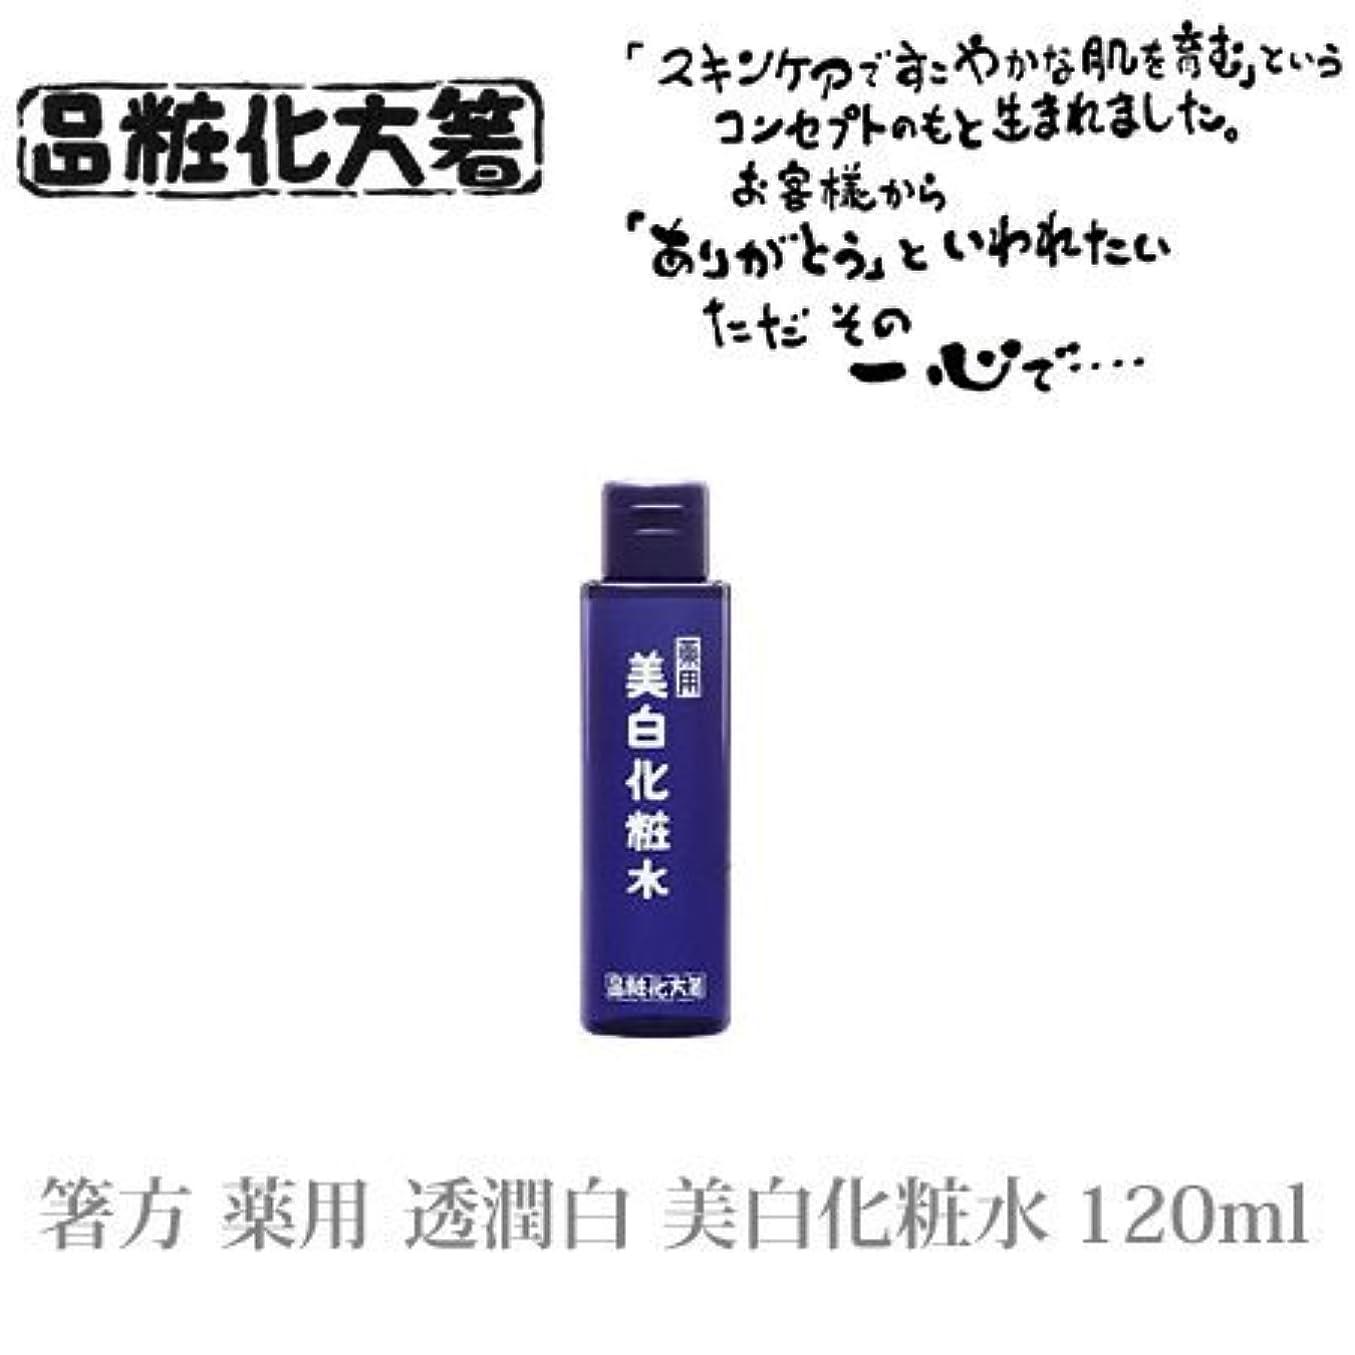 十分放射する砂利箸方化粧品 薬用 透潤白 美白化粧水 120ml はしかた化粧品